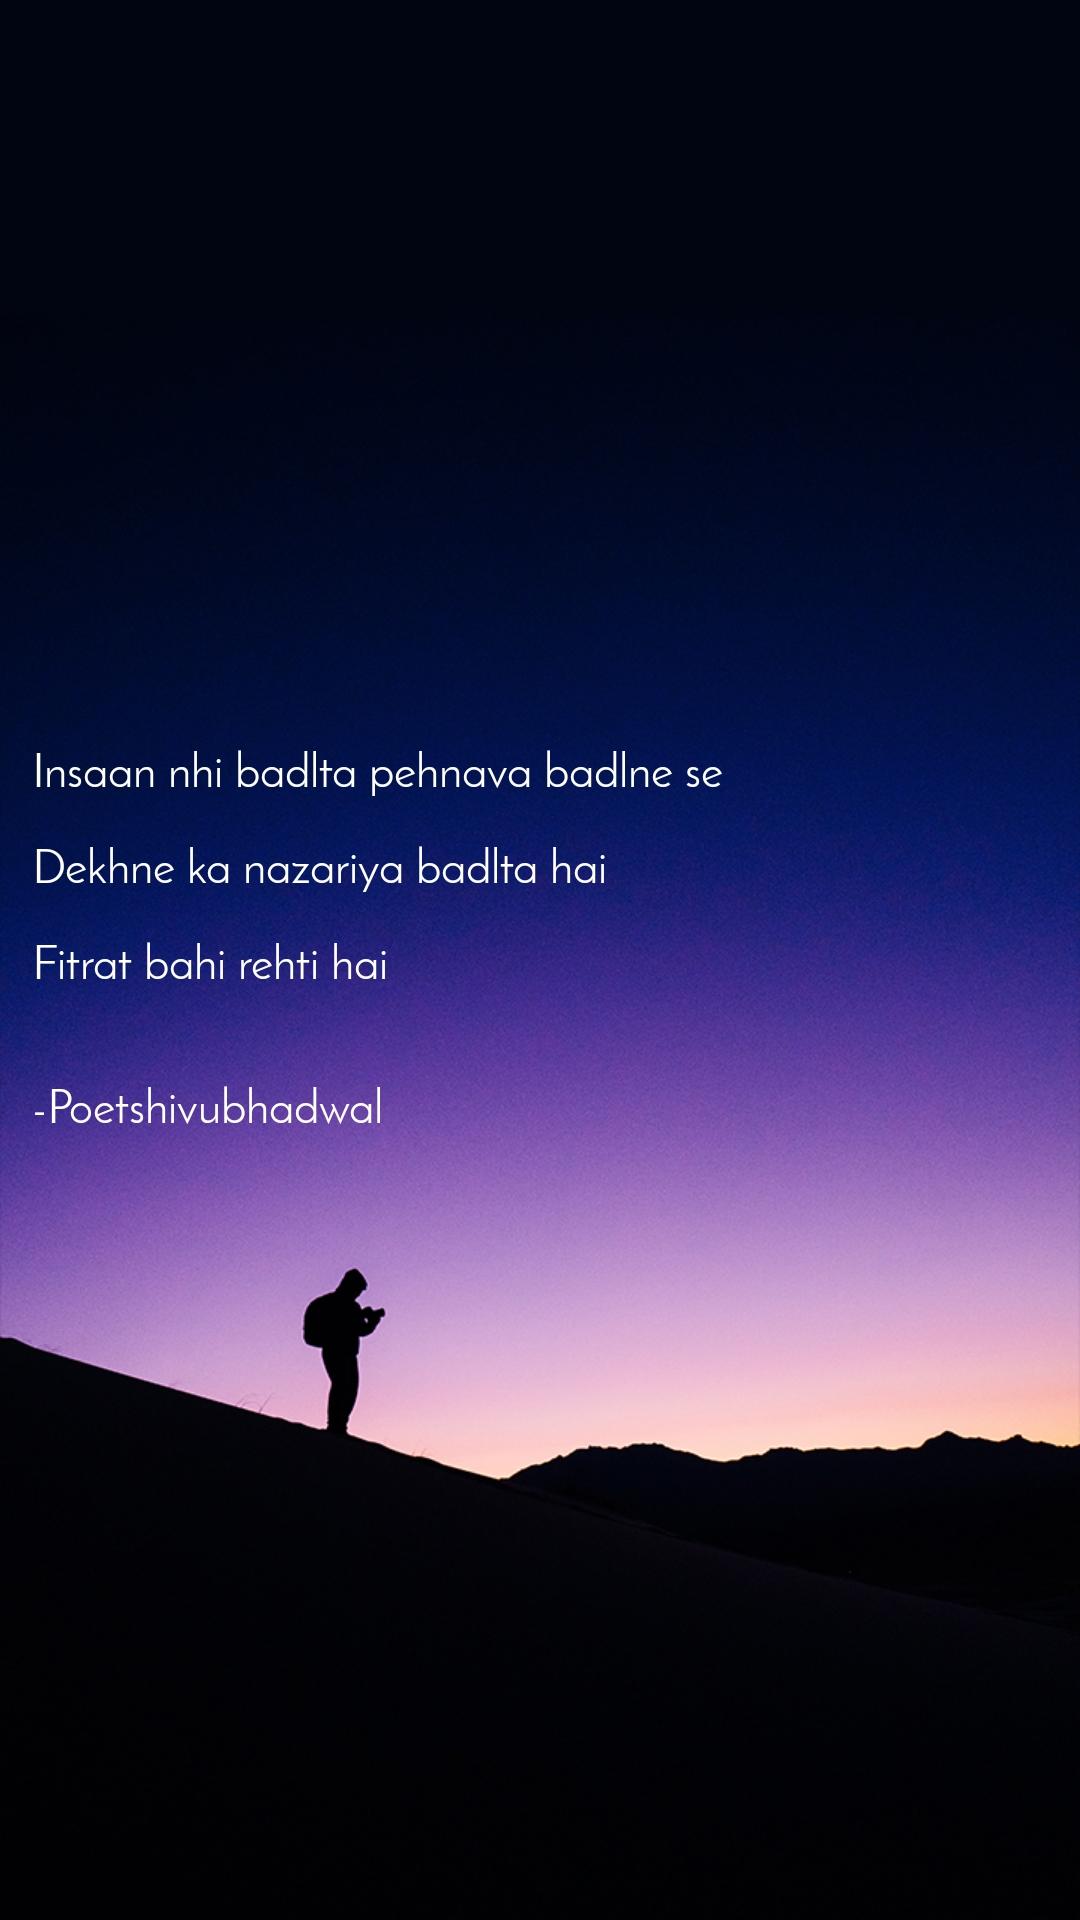 Insaan nhi badlta pehnava badlne se  Dekhne ka nazariya badlta hai   Fitrat bahi rehti hai    -Poetshivubhadwal